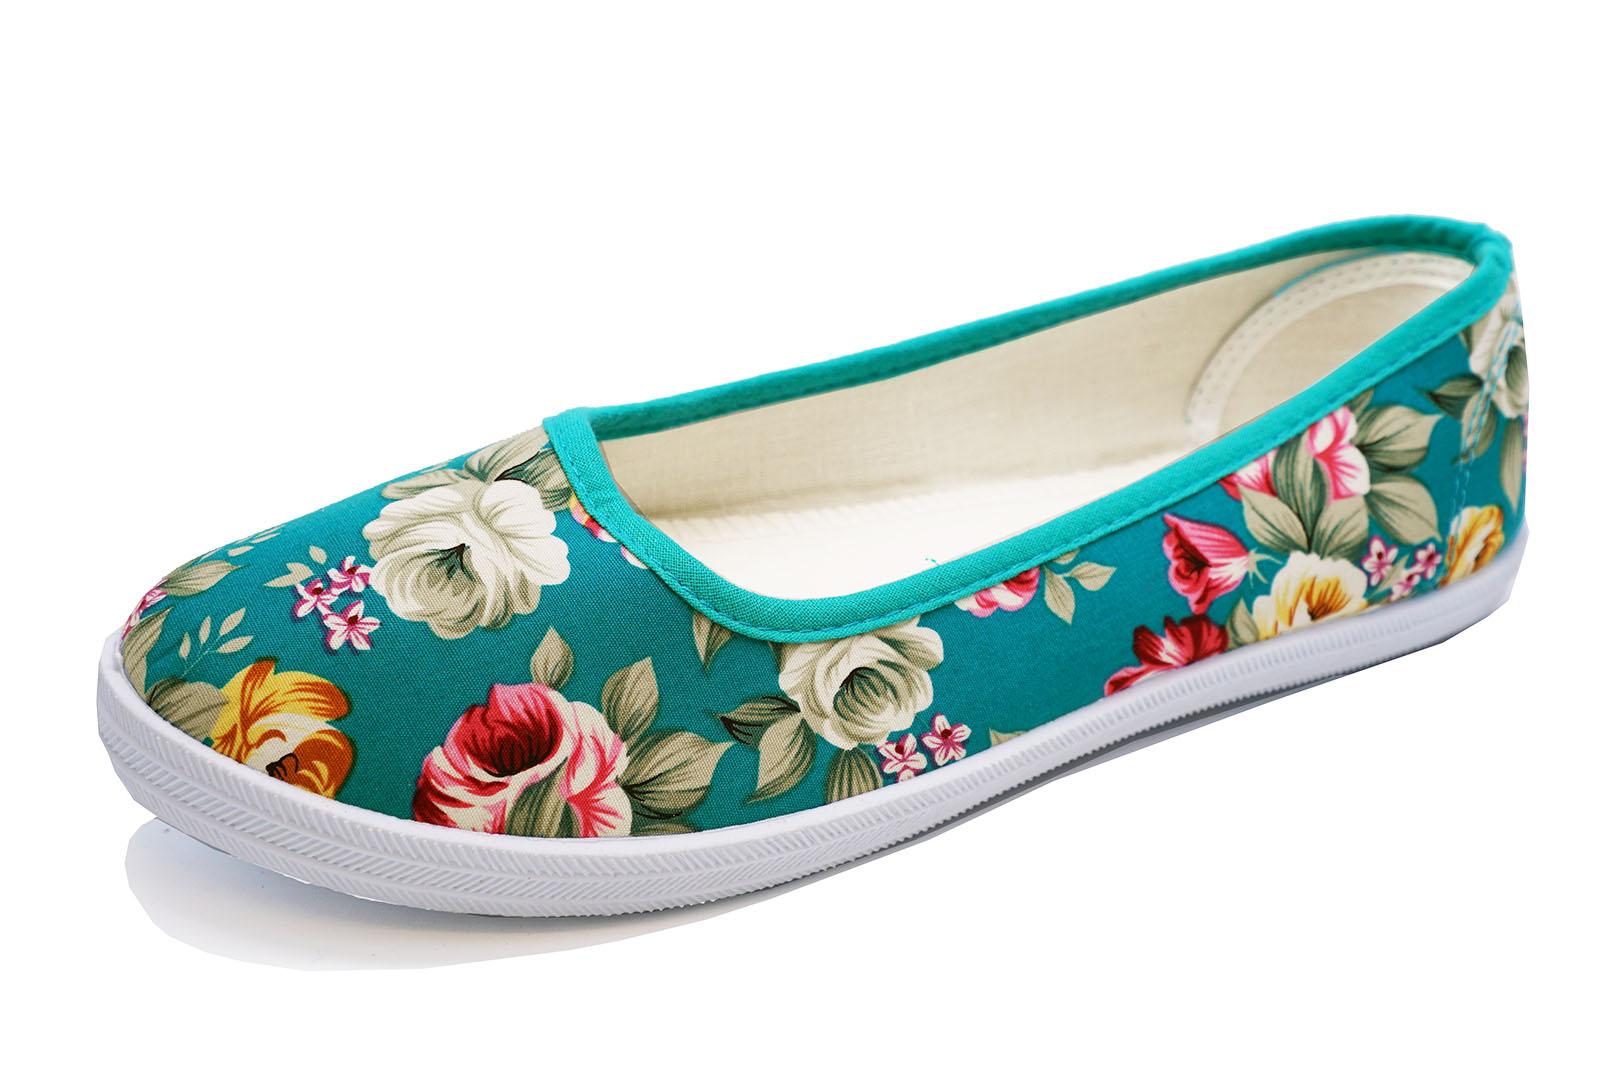 Mujer Lona Verde Plano Sin Cordones Cómodos Zapatos Florales Dolly Playera bombas UK 3-8